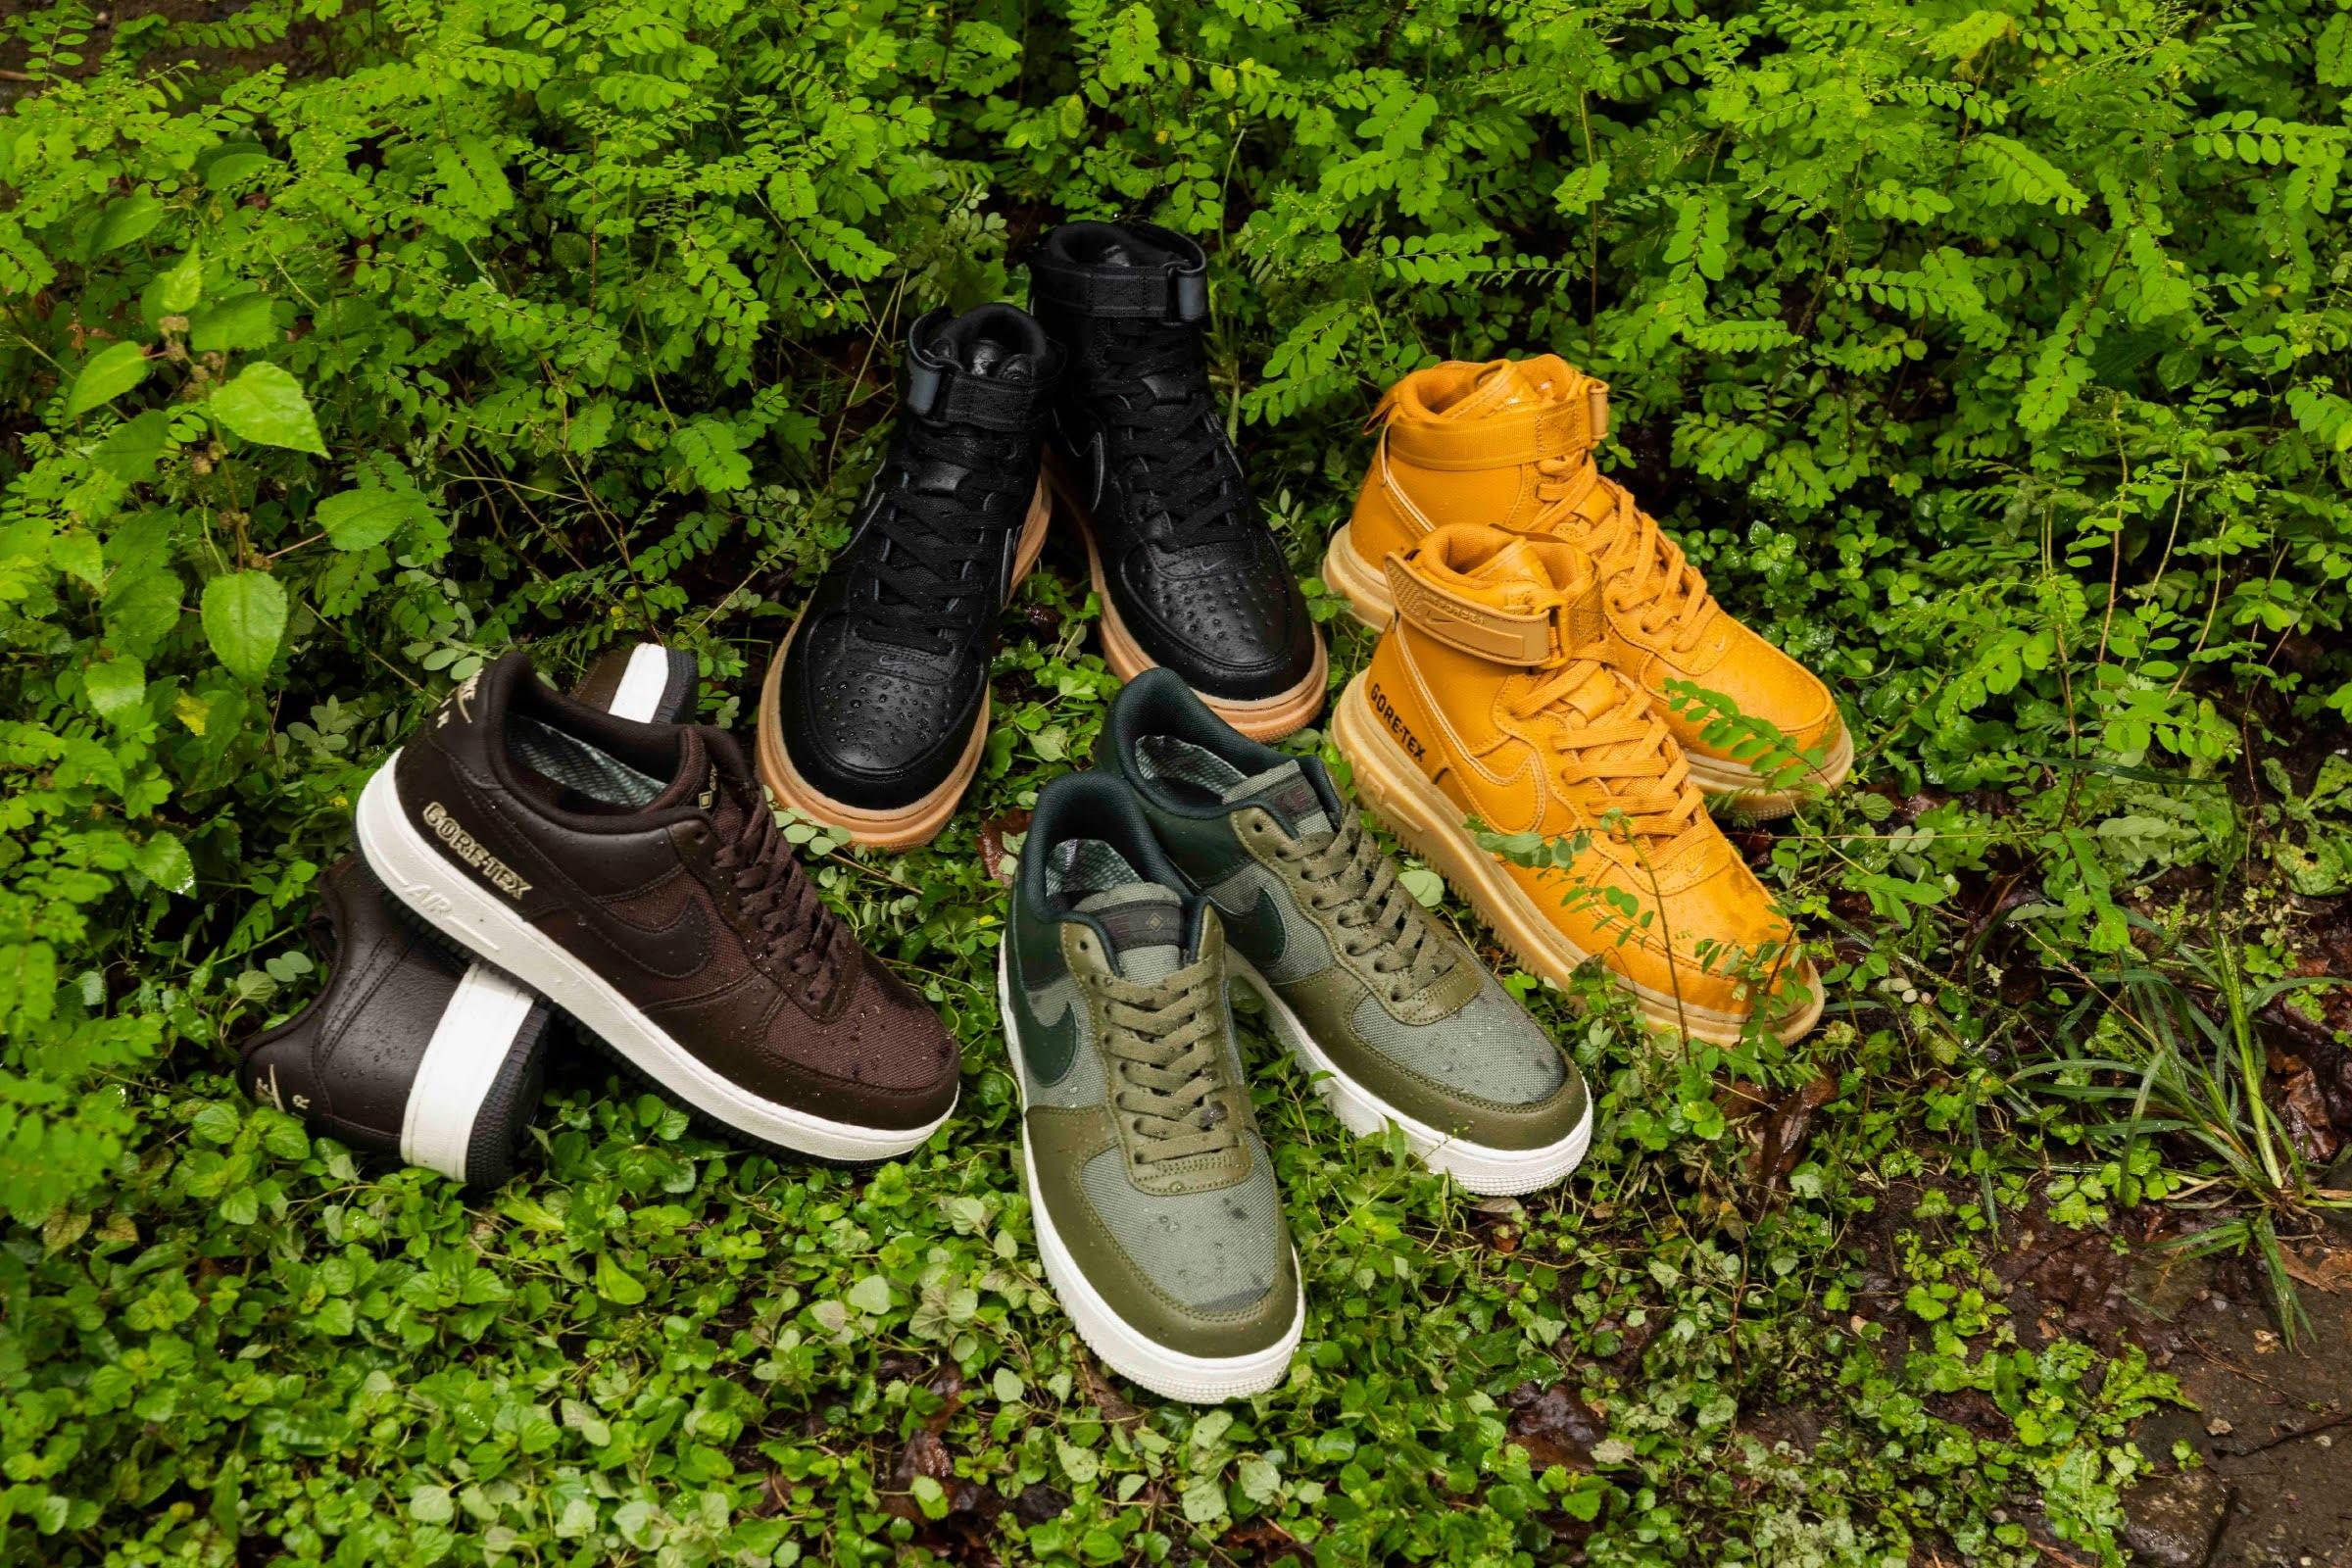 ナイキ エア フォース 1 ゴアテックス スニーカー ブーツ Nike-Air-Force-1-Gore-Tex-Sneaker-Boots